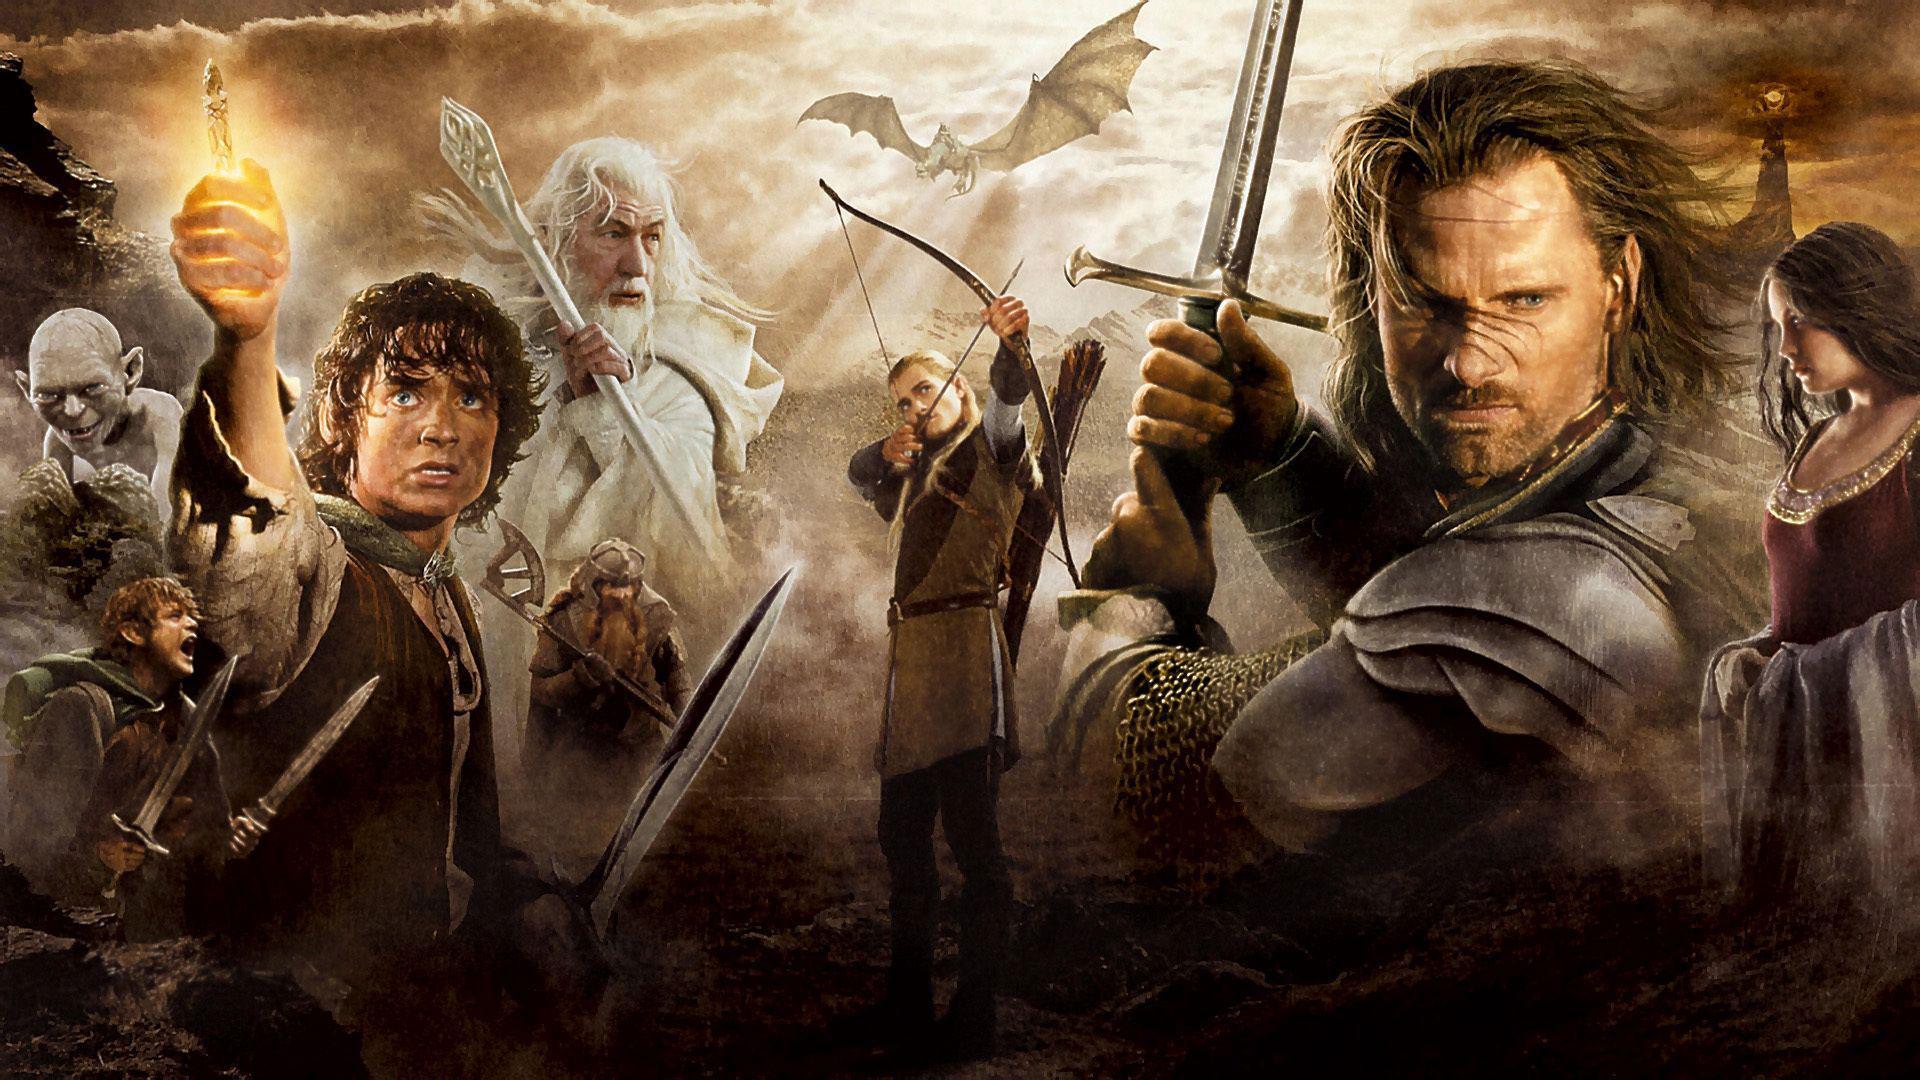 La serie de Amazon de El Señor de los Anillos será de cinco temporadas y tendrá un costo de 1.000 millones de dólares